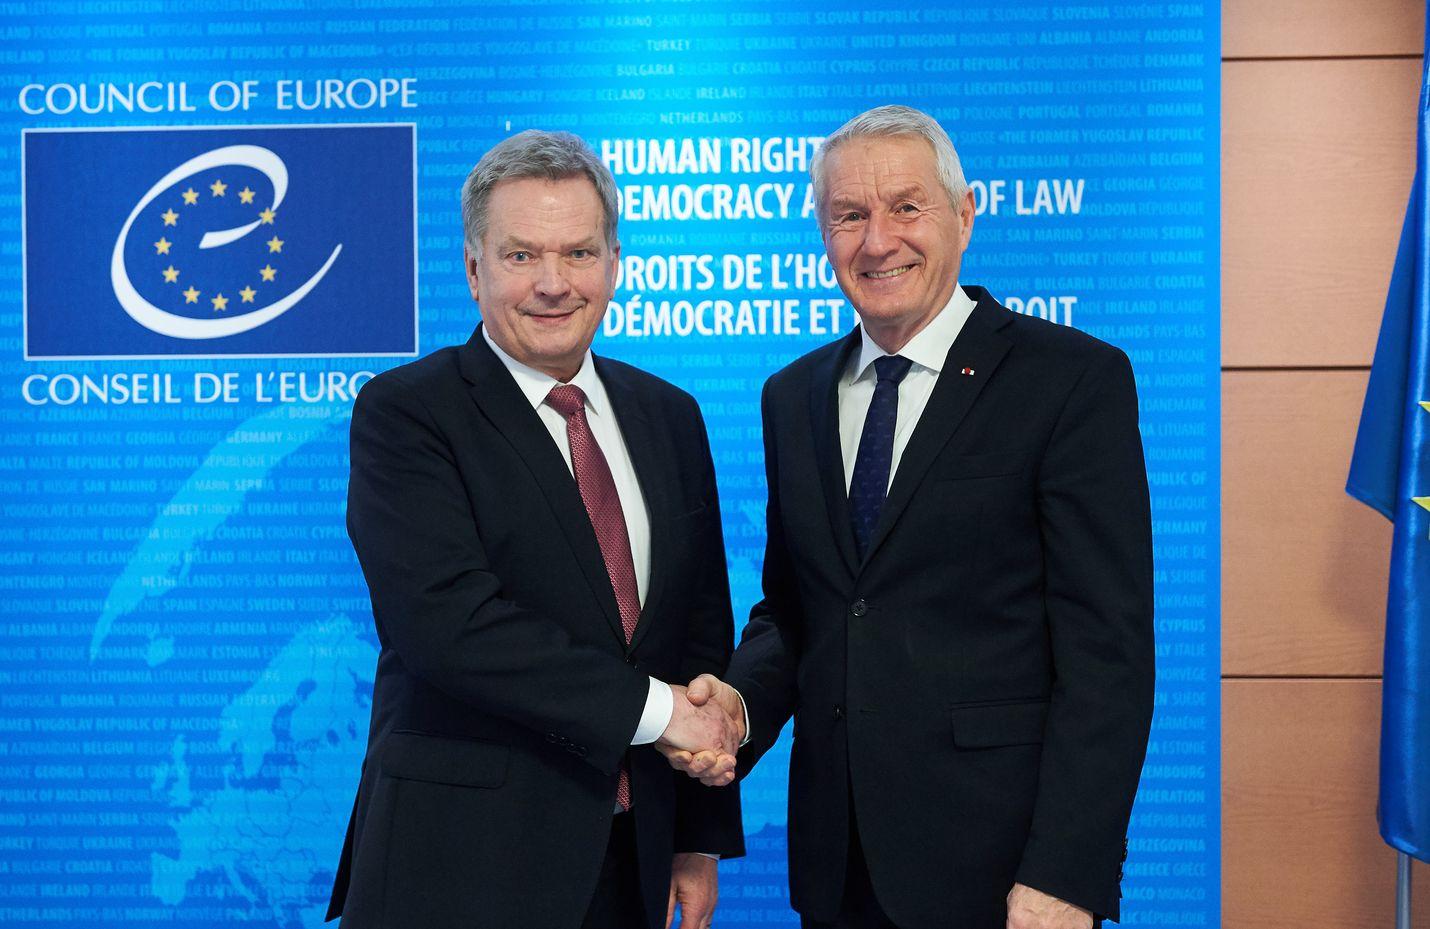 Arkistokuvaa presidentti Sauli Niinistön ja Euroopan neuvoston pääsihteerin Thorbjörn Jaglandin tapaamisesta Strasbourgissa.